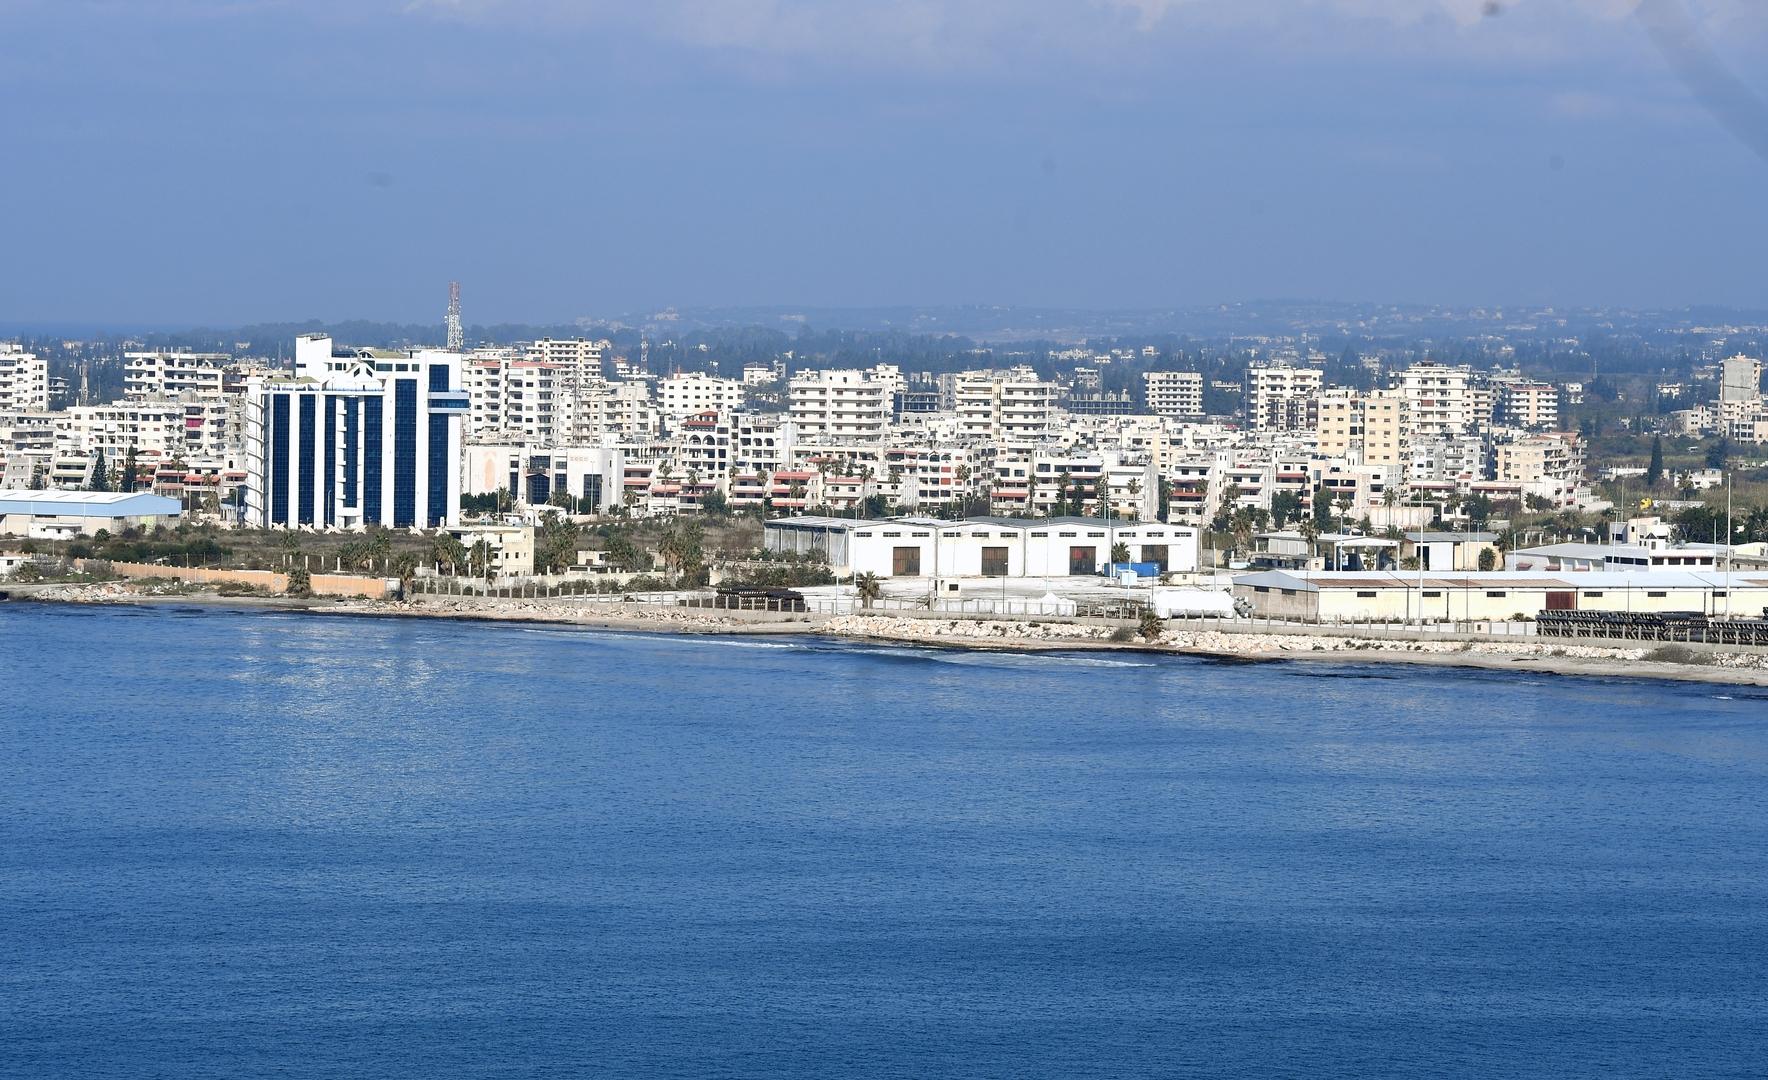 هزة أرضية تضرب مناطق في غرب سوريا